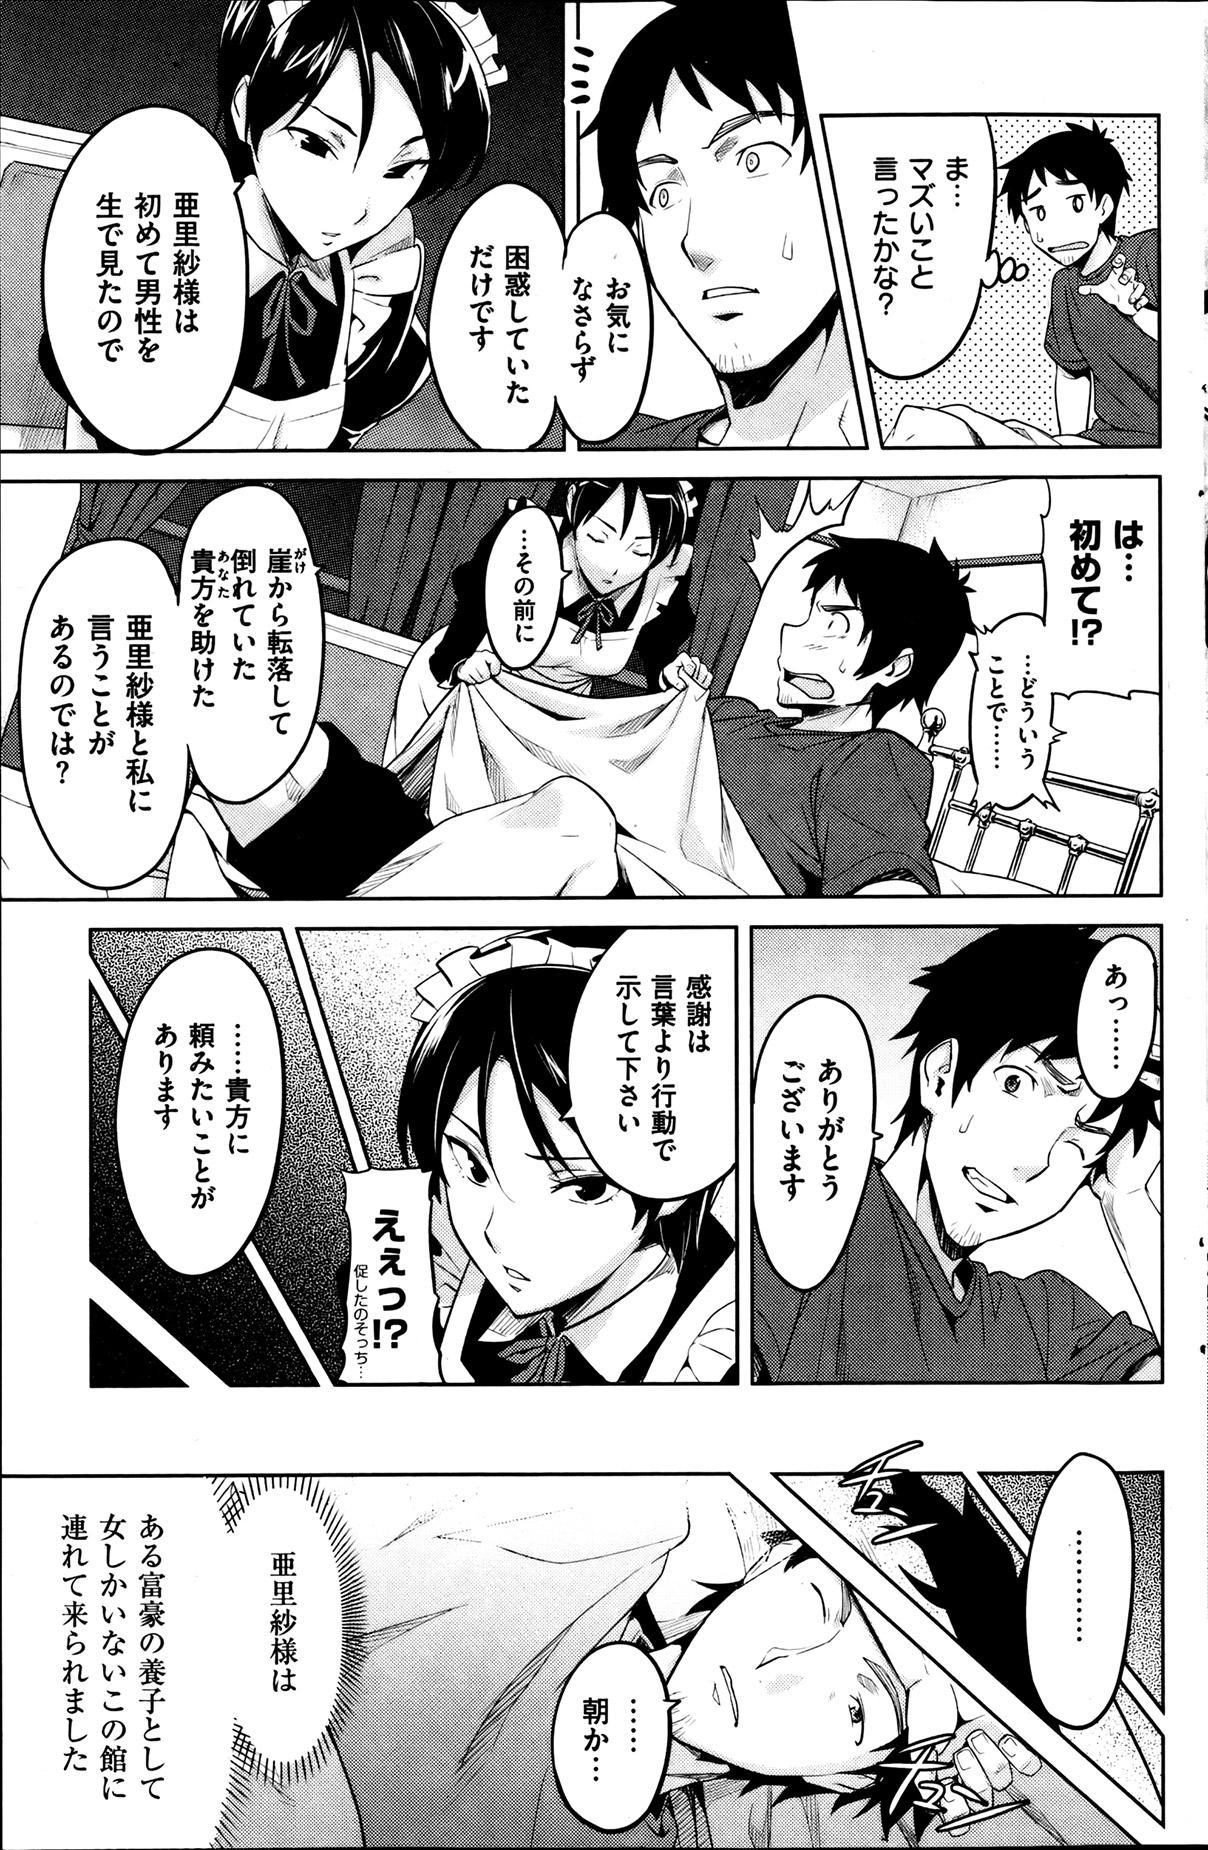 COMIC HANA-MAN 2013-08 Takeda Hiromitsu Tokushuu 148